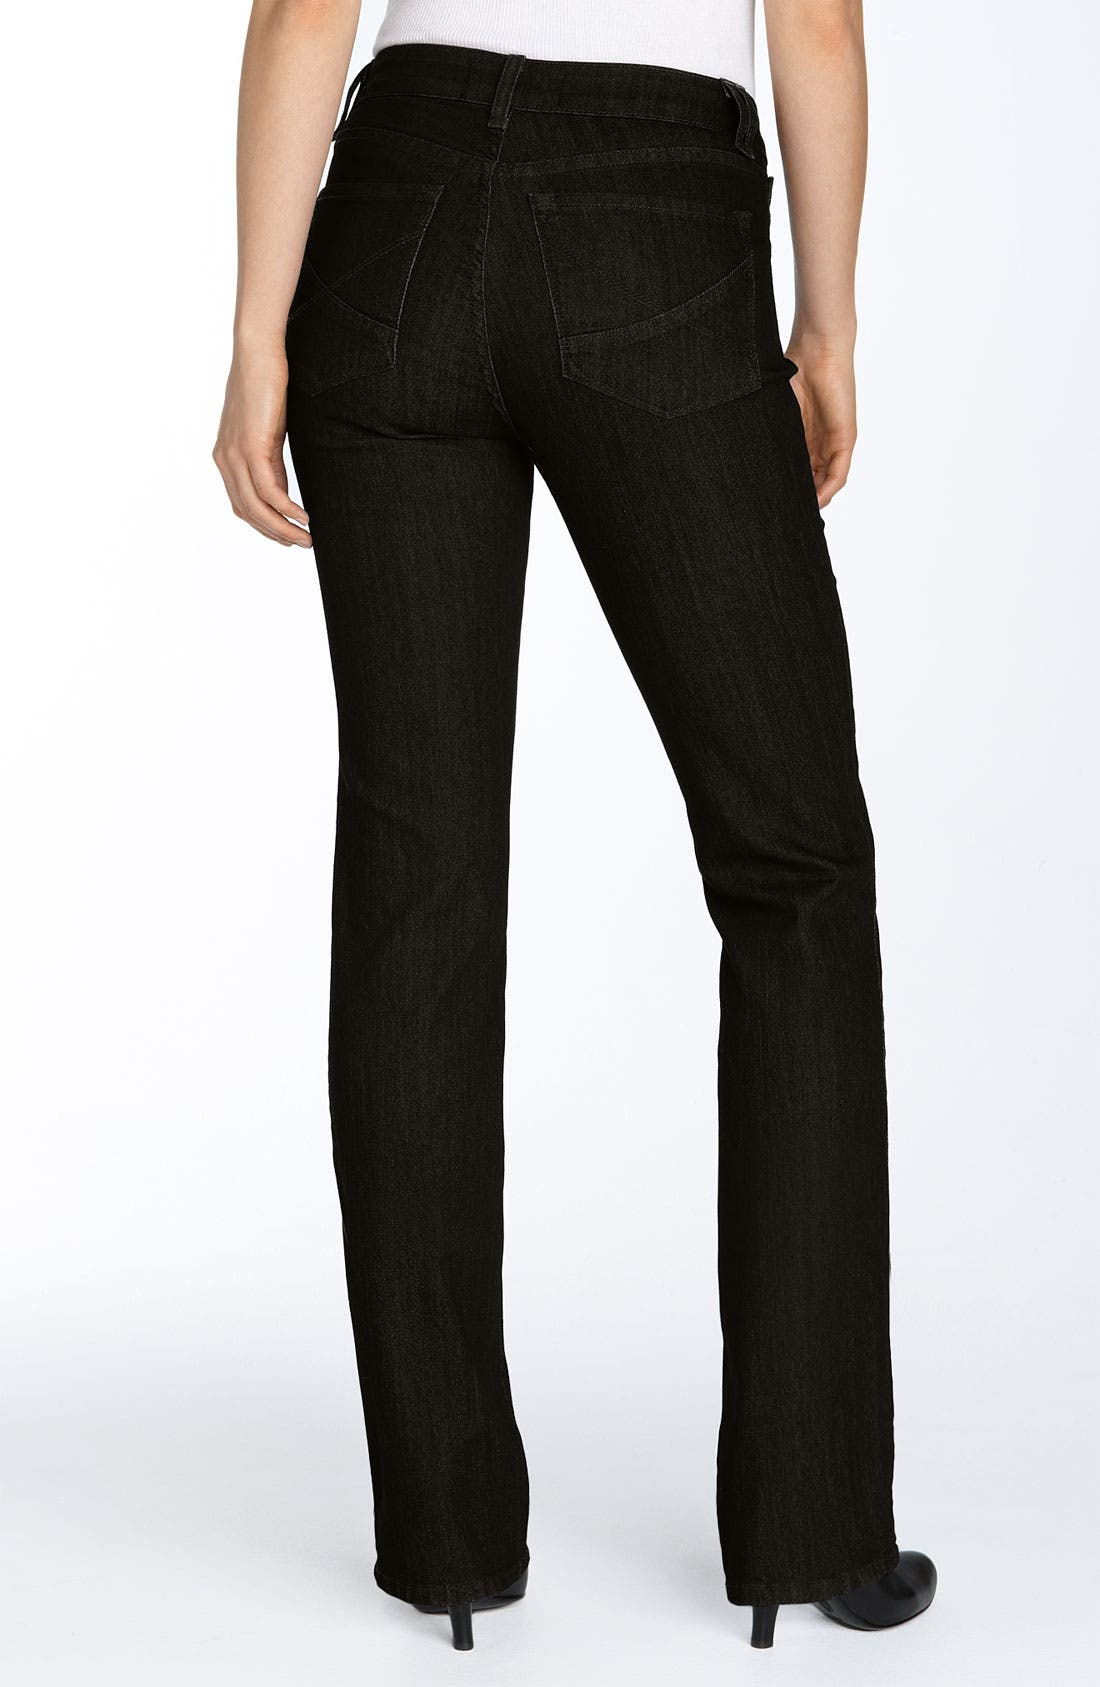 Alternate Image 2  - NYDJ 'Marilyn' Straight Leg Jeans (Petite)